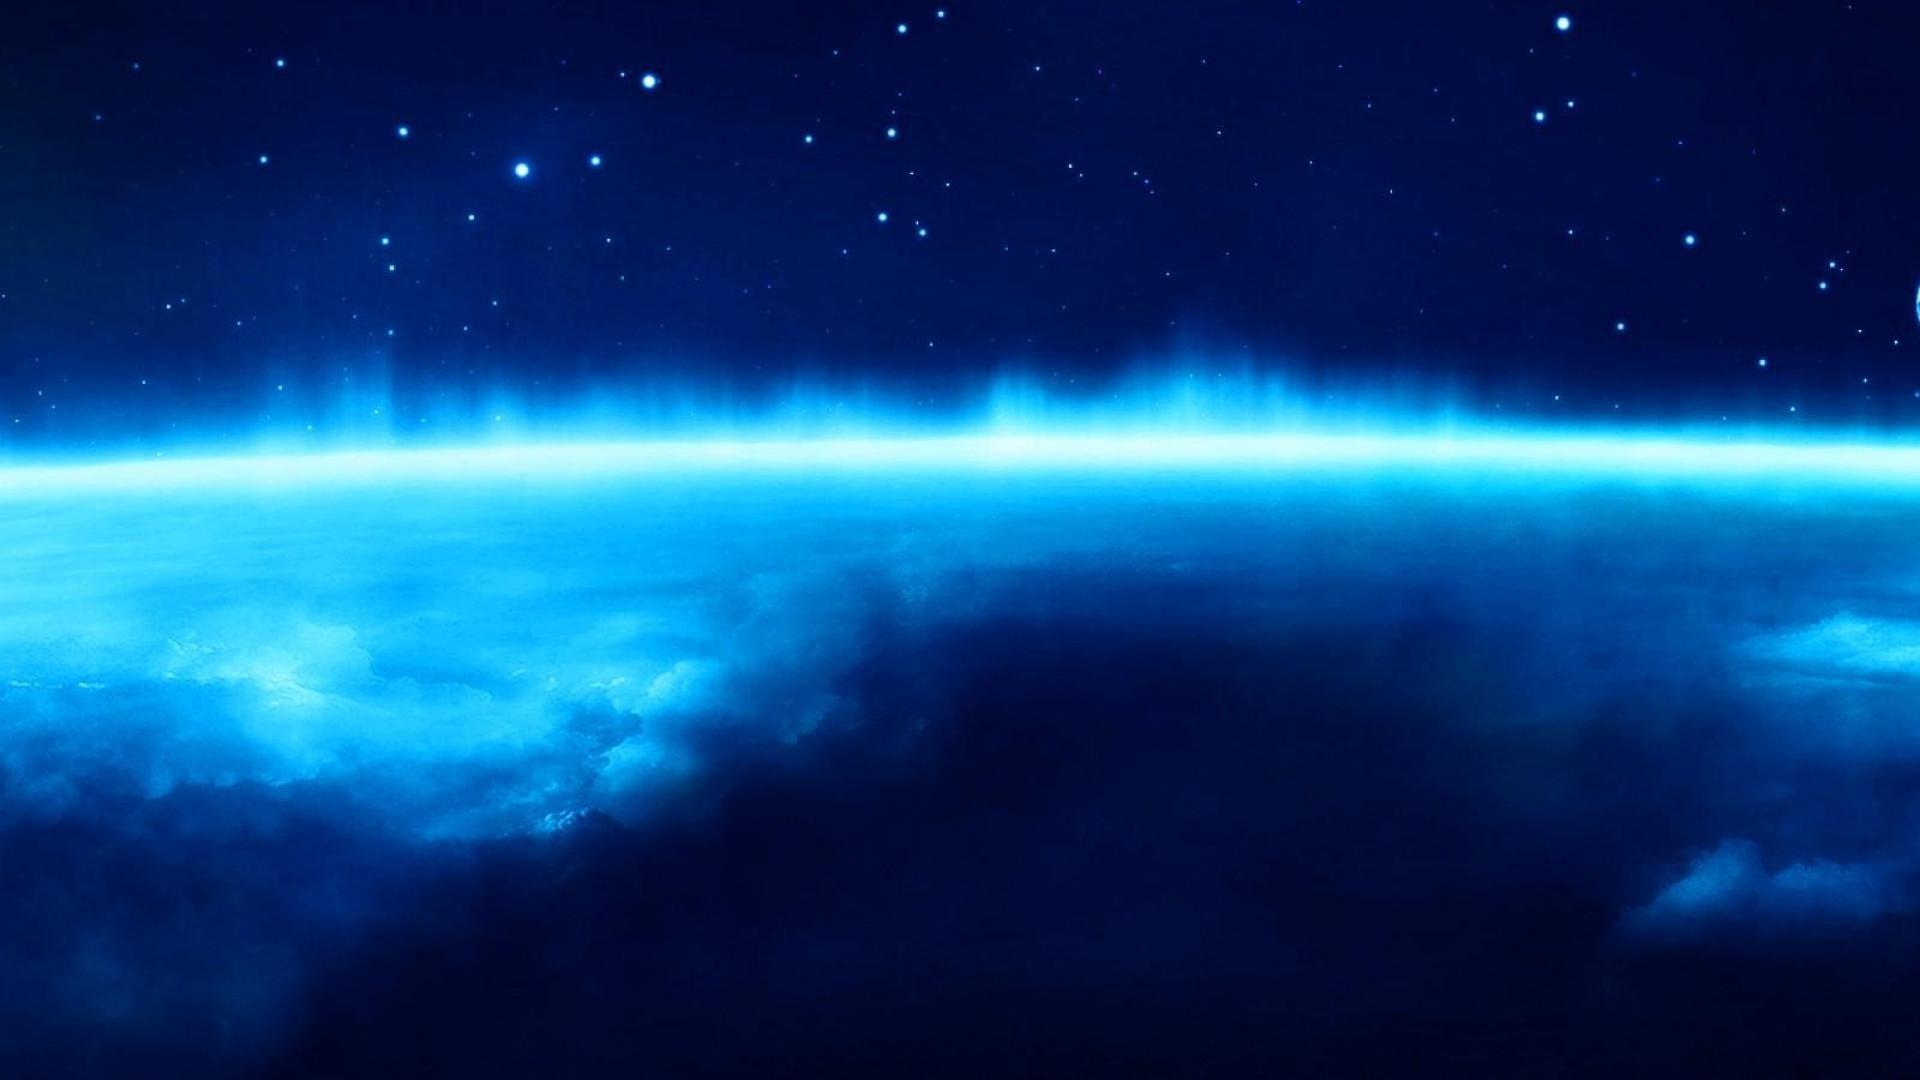 DEEP BLUE SPACE WALLPAPER – (#105271) – HD Wallpapers – [desktopinHQ .